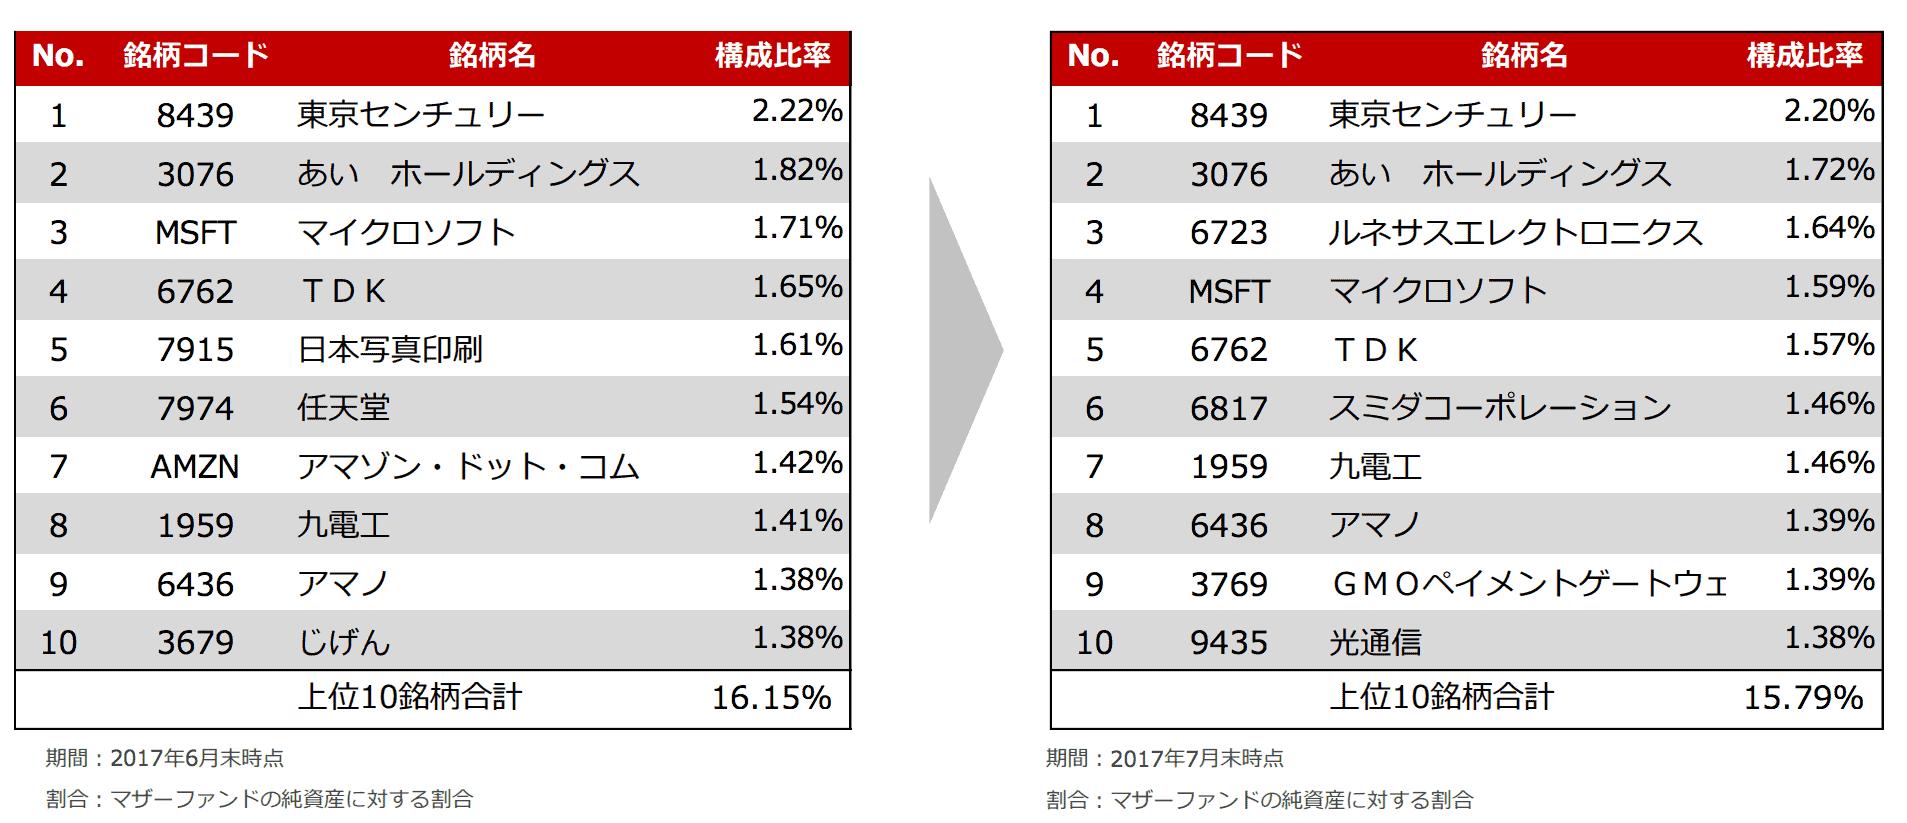 ひふみの保有銘柄の変化(2017年7月次)